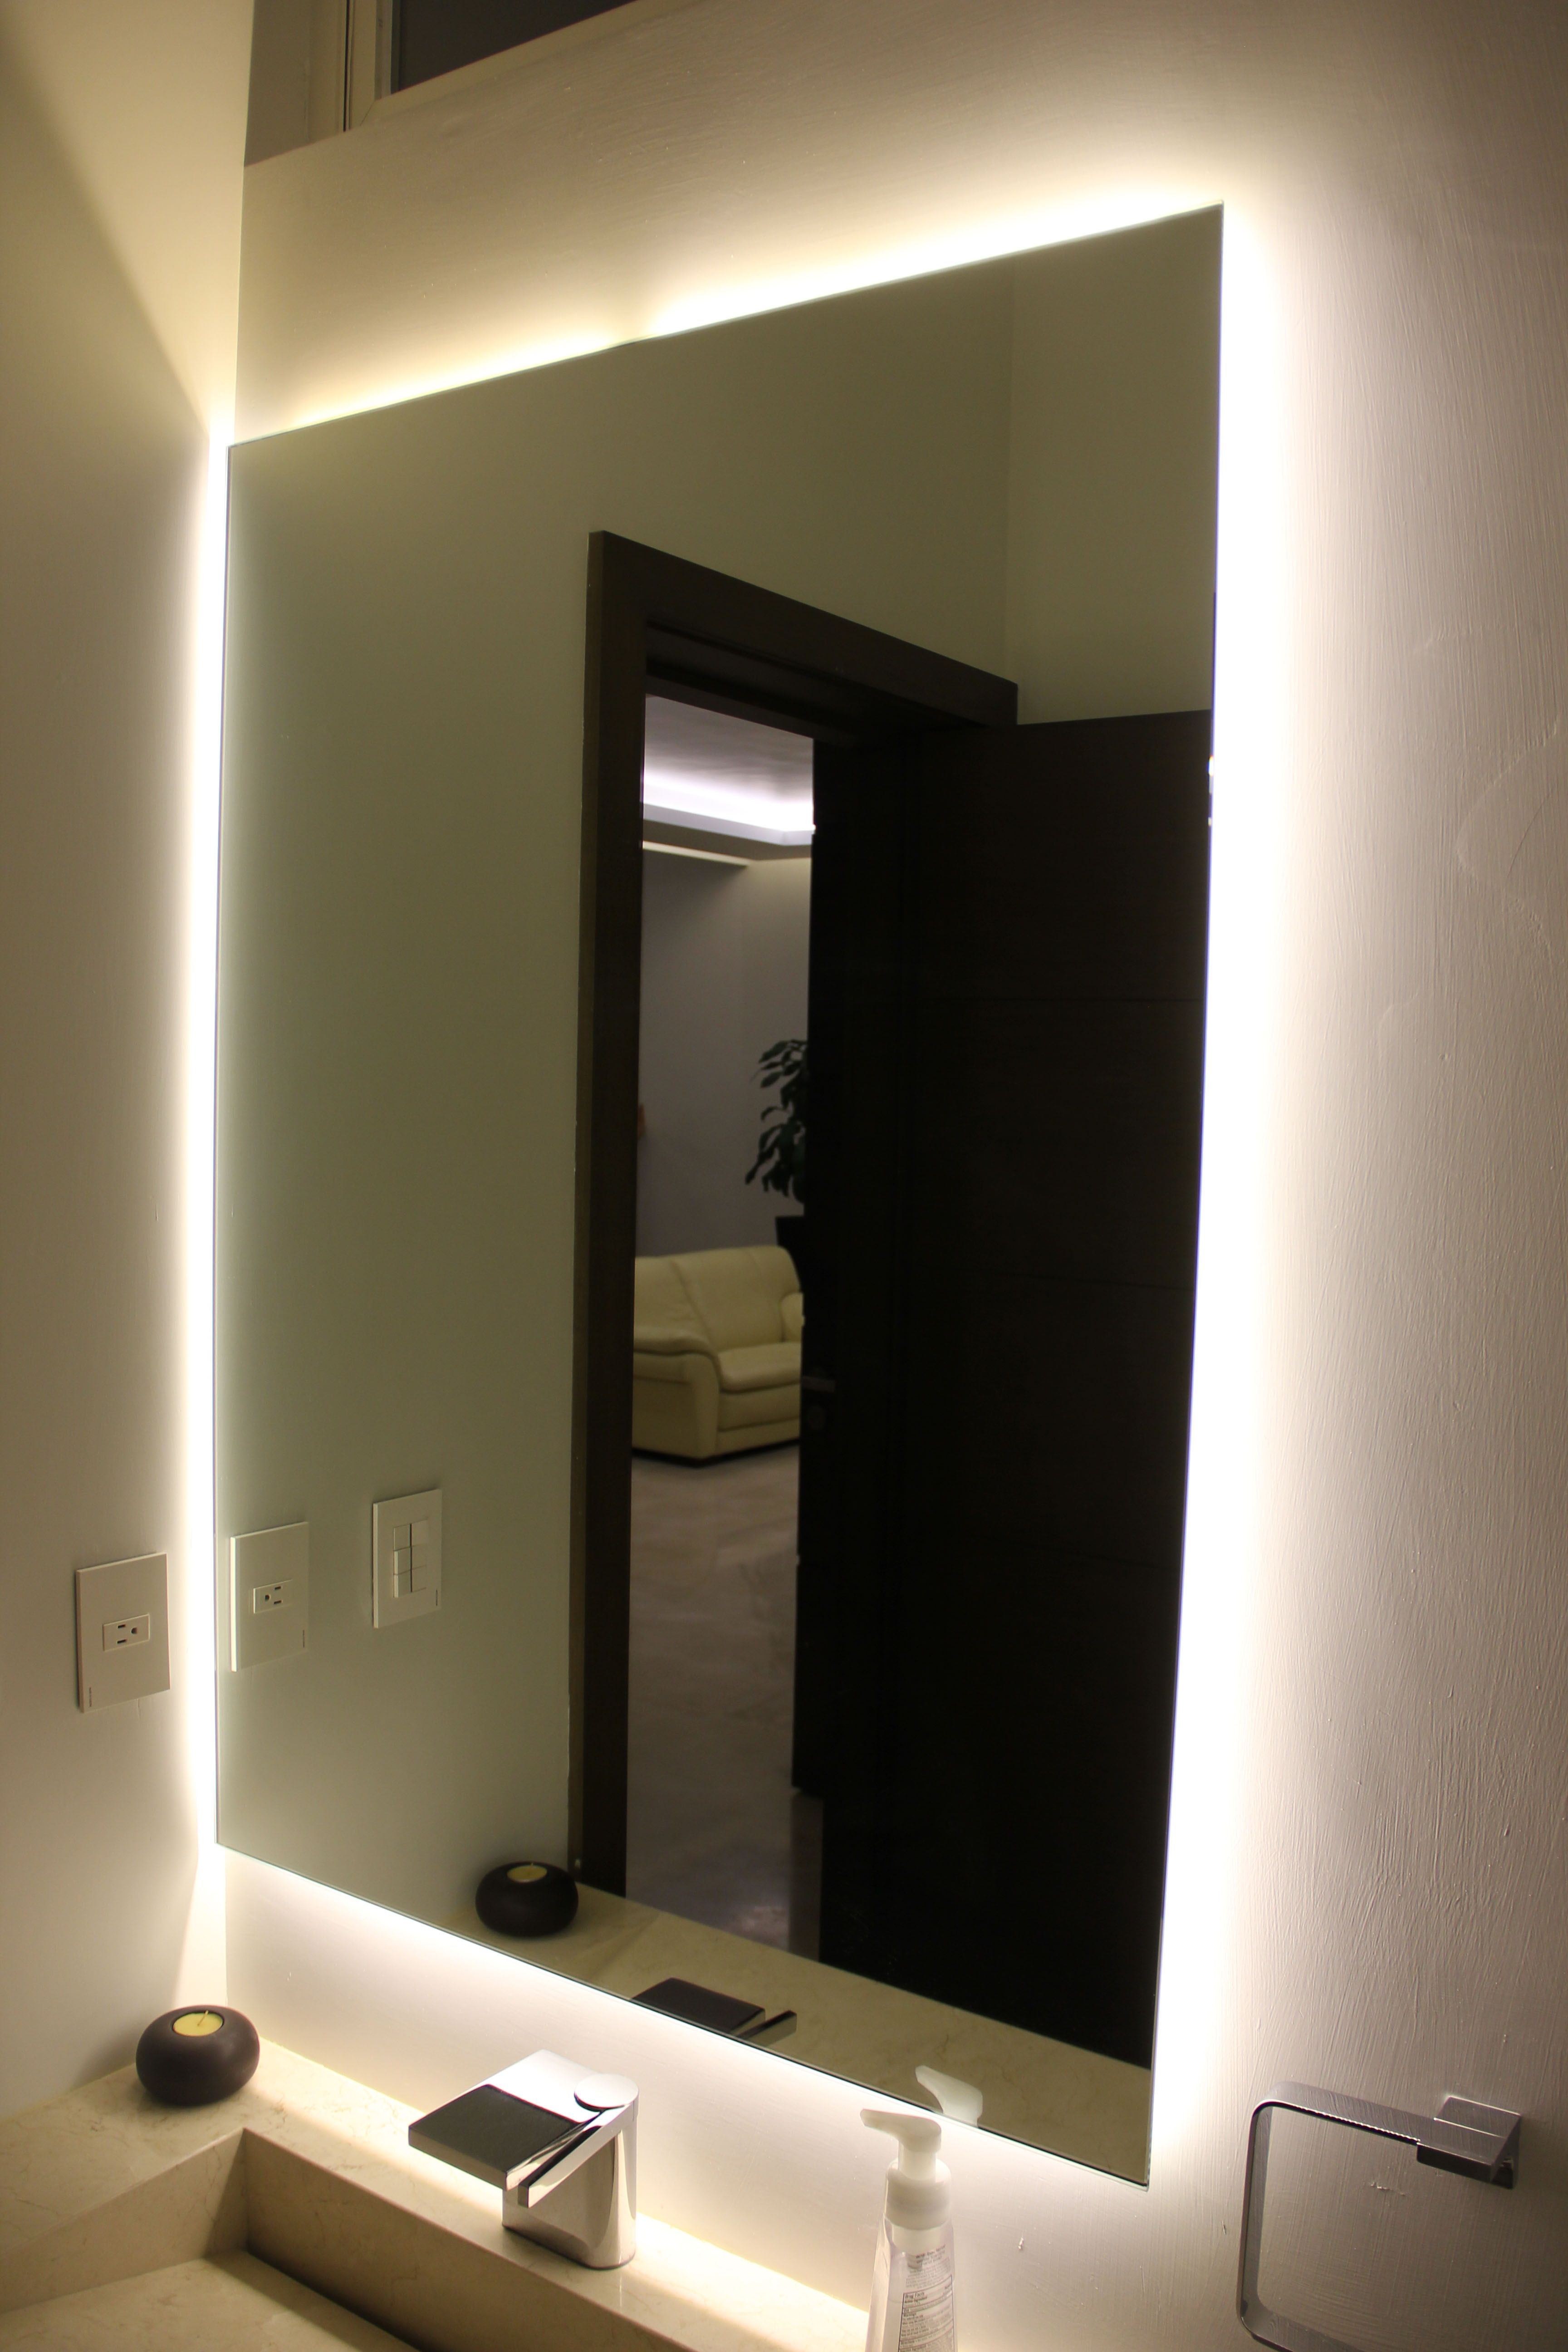 Acentos empotrados detr s de espejos de ba os y cajillos for Espejos cuarto de bano